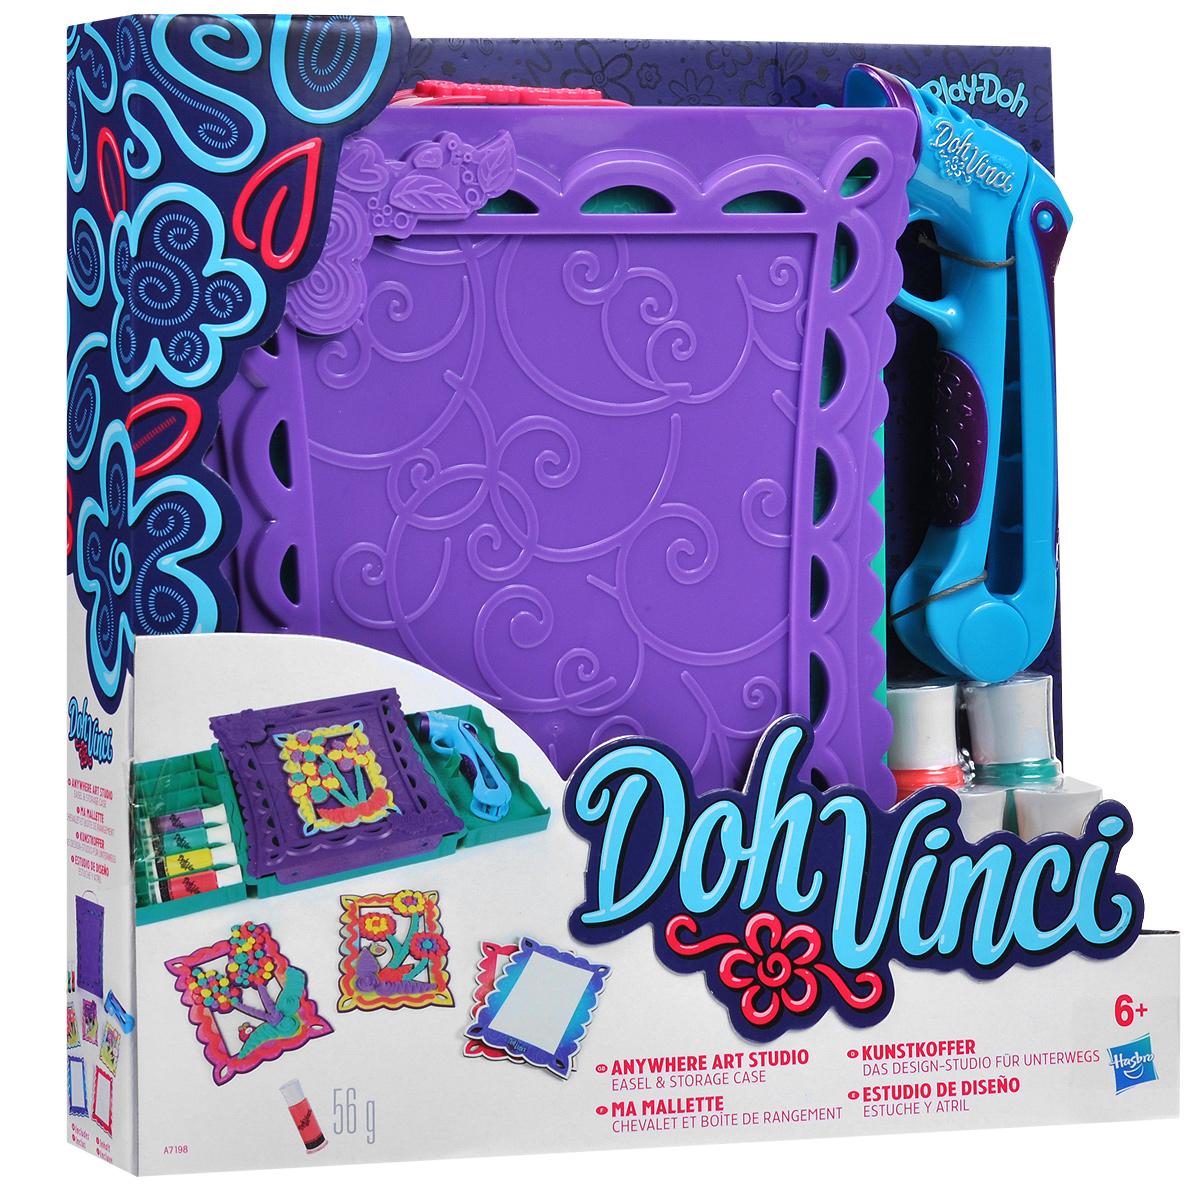 Набор для творчества DohVinchi Студия дизайна с собойB4935EU4Набор для творчества DohVinchi Студия дизайна с собой подарит вашей малышке массу положительных эмоций. С ним она сможет украсить яркие карточки с помощью специального маркера с моделирующей смесью. Набор включает удобный чемоданчик, 5 карточек для декорирования, 4 тюбика с моделирующей смесью разных цветов и маркер. Чемоданчик раскладывается для демонстрации работ ребенка и хранения инструментов и оснащен ручкой для переноски. На карточки уже нанесен рисунок. Необходимо заправить маркер тюбиком со смесью нужного цвета и легко надавить на ручку. Для закрепления элементов на карточках необходимо использовать клей. Смесь сохнет в течение ночи и легко удаляется при необходимости. Также смесь можно наносить на дерево, картон, бумагу, клейкую ленту и другие материалы. Игра с таким набором поможет ребенку развить воображение, координацию и мелкую моторику рук. Порадуйте его таким замечательным подарком! Общая масса смеси: 56 г.